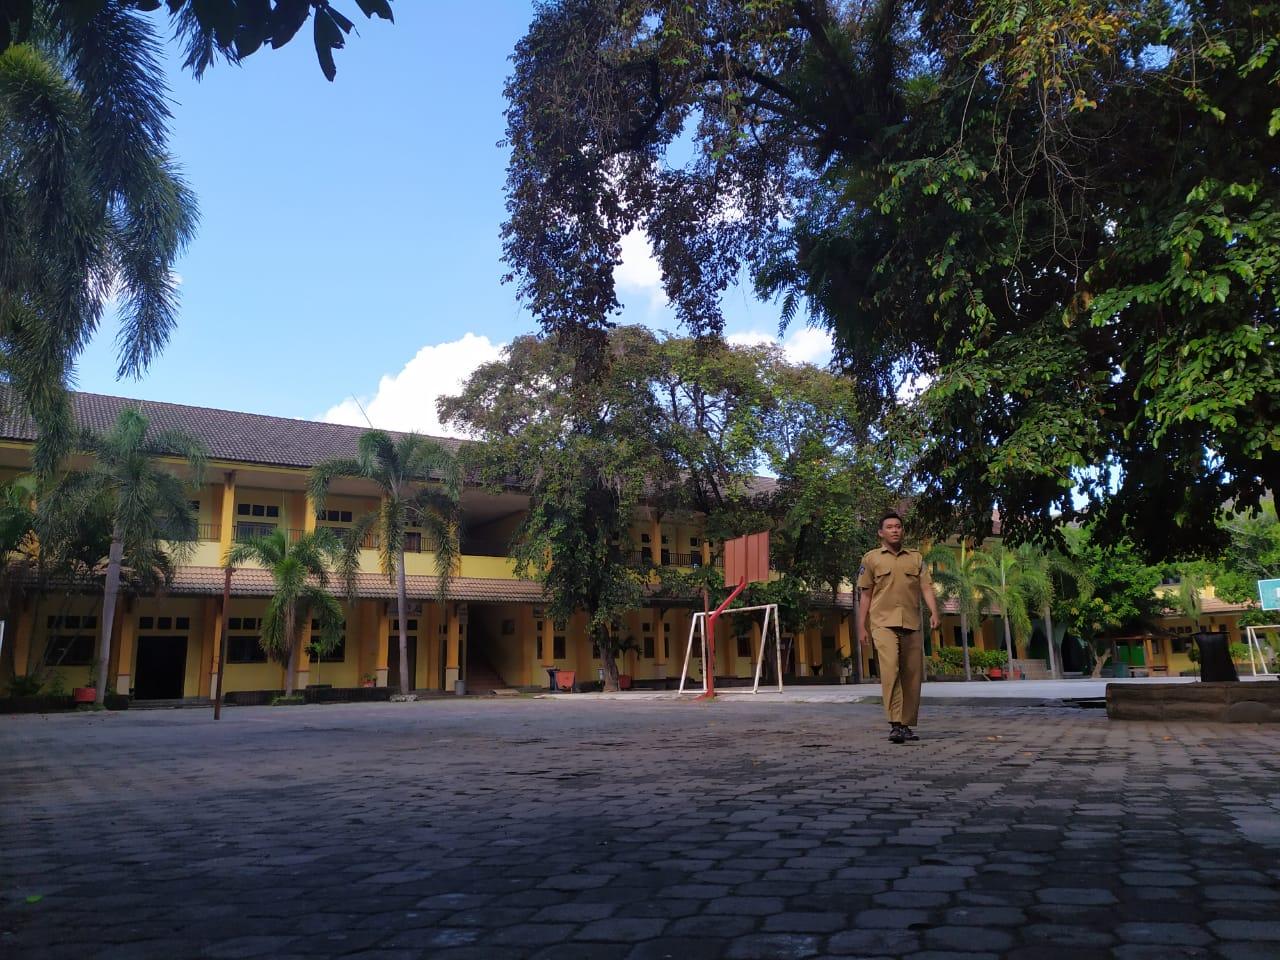 Wabah Corona Meluas, Dinas Pendidikan Kota Mataram Perpanjang Libur Sekolah